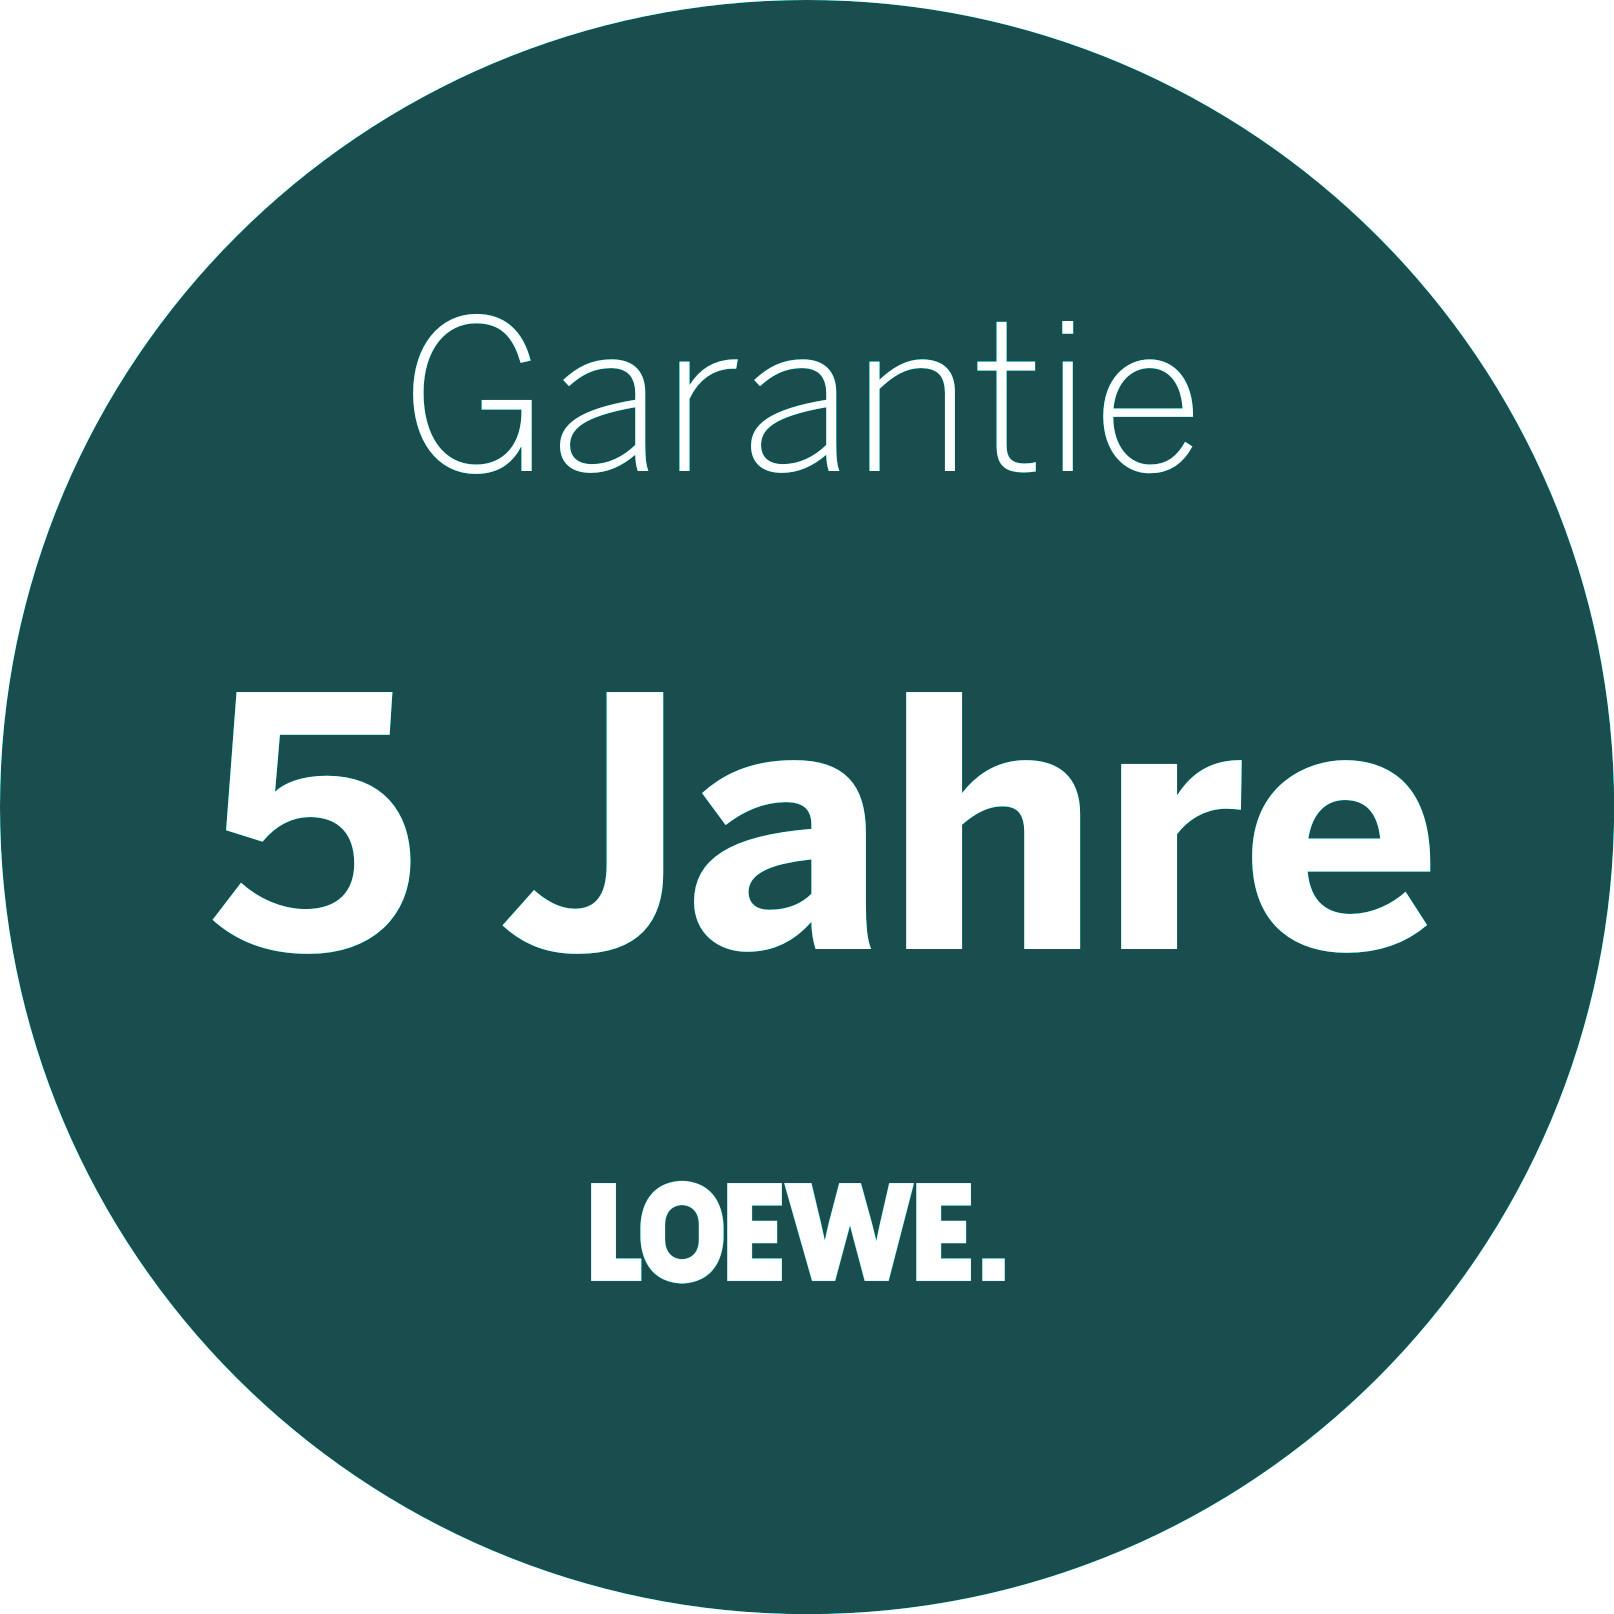 Loewe Garantie-Promotion 5 Jahre